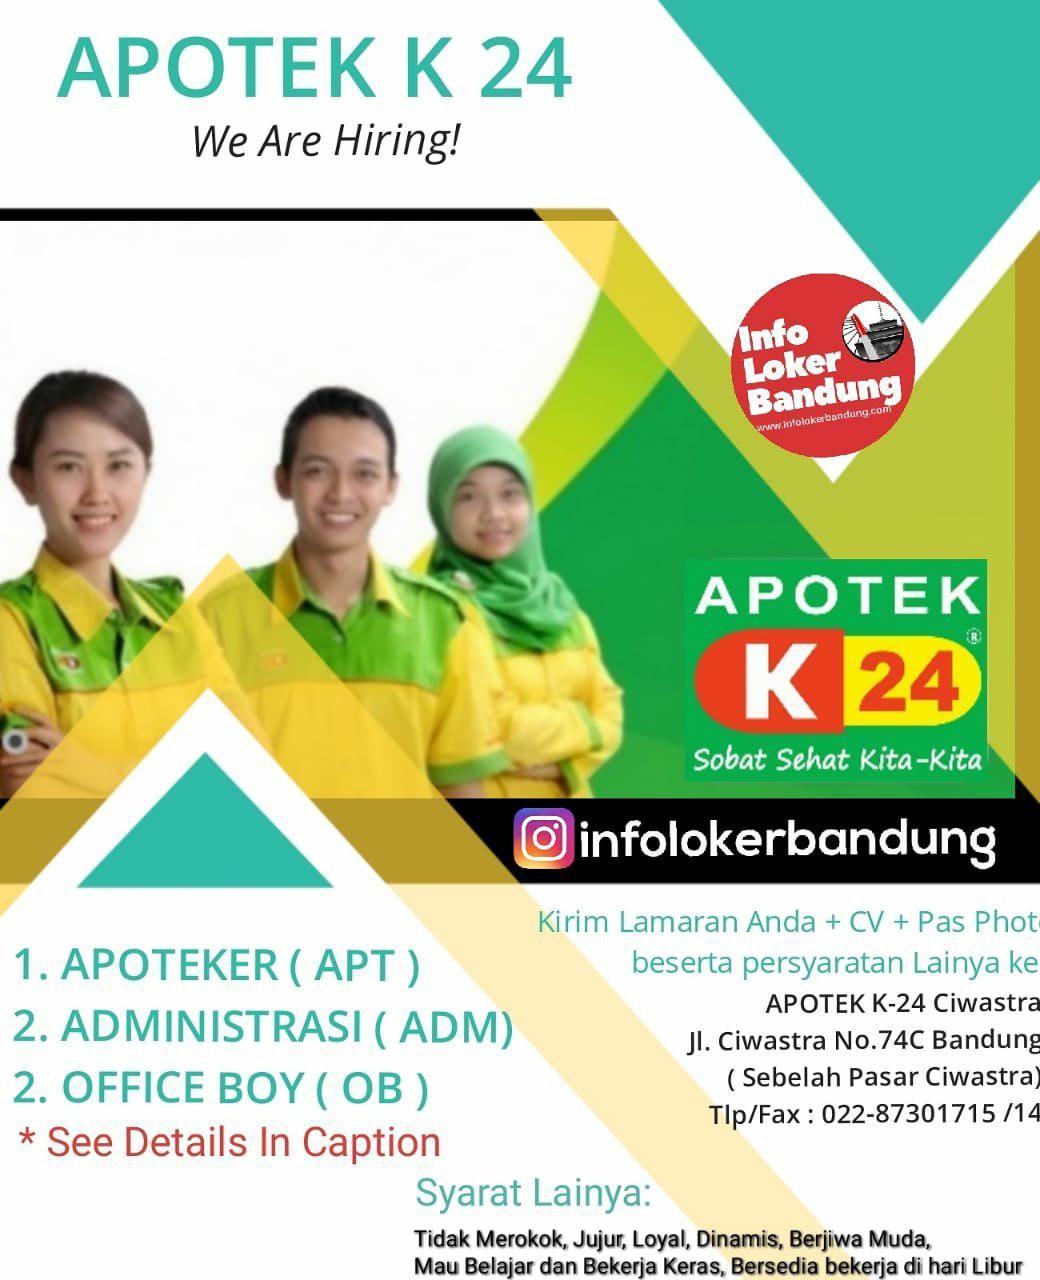 Lowongan Kerja Apotek K 24 Ciwastra Bandung Maret 2019